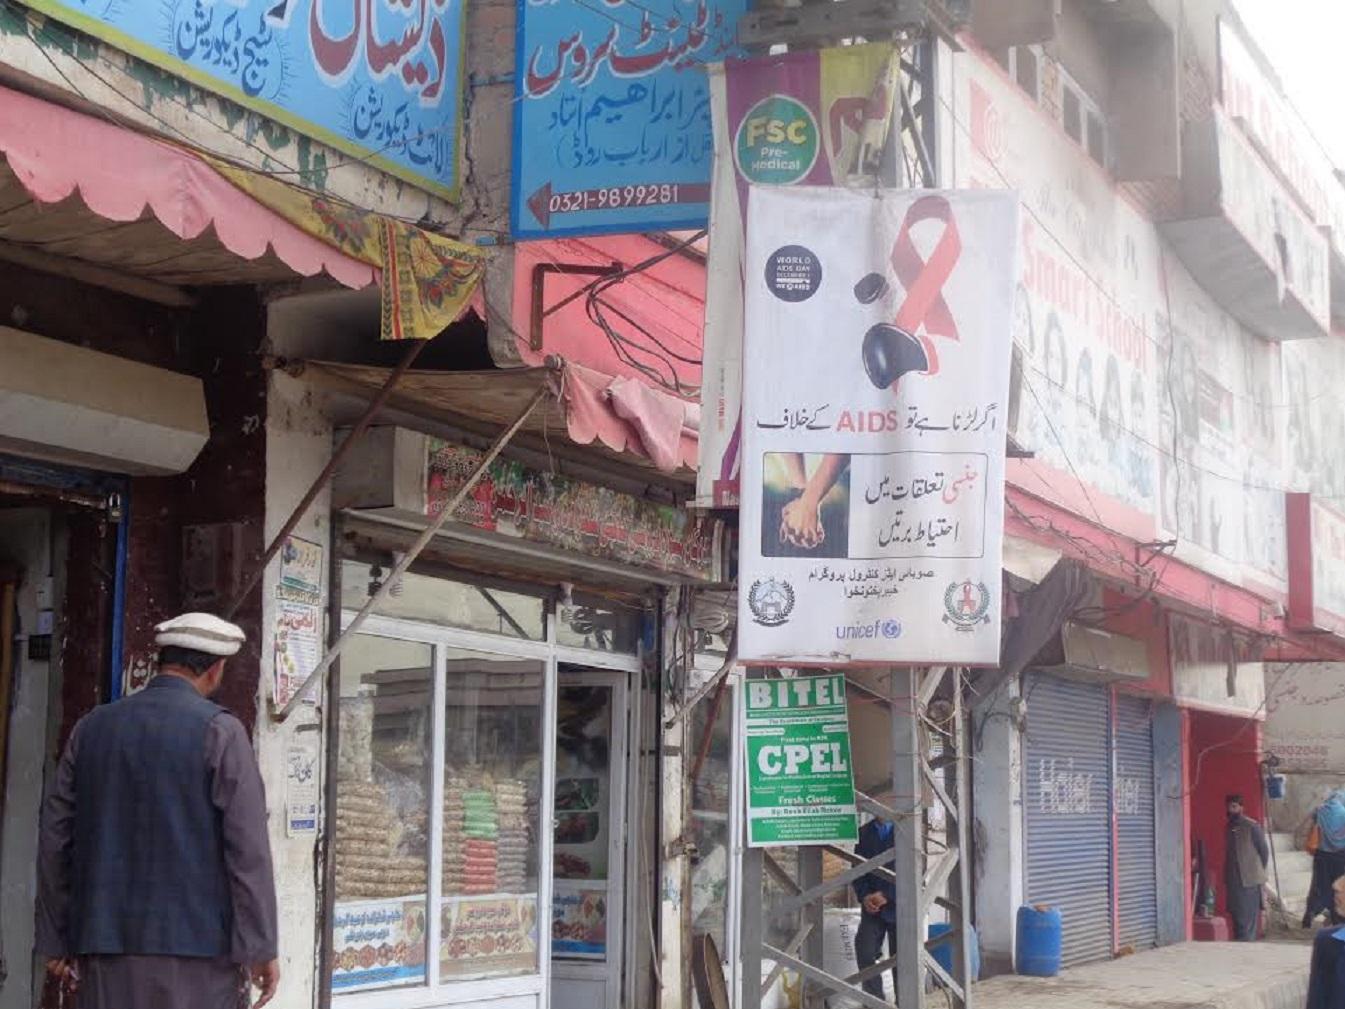 پاکستان افغان های مبتلا به ویروس اچ آی وی را تداوی می کند